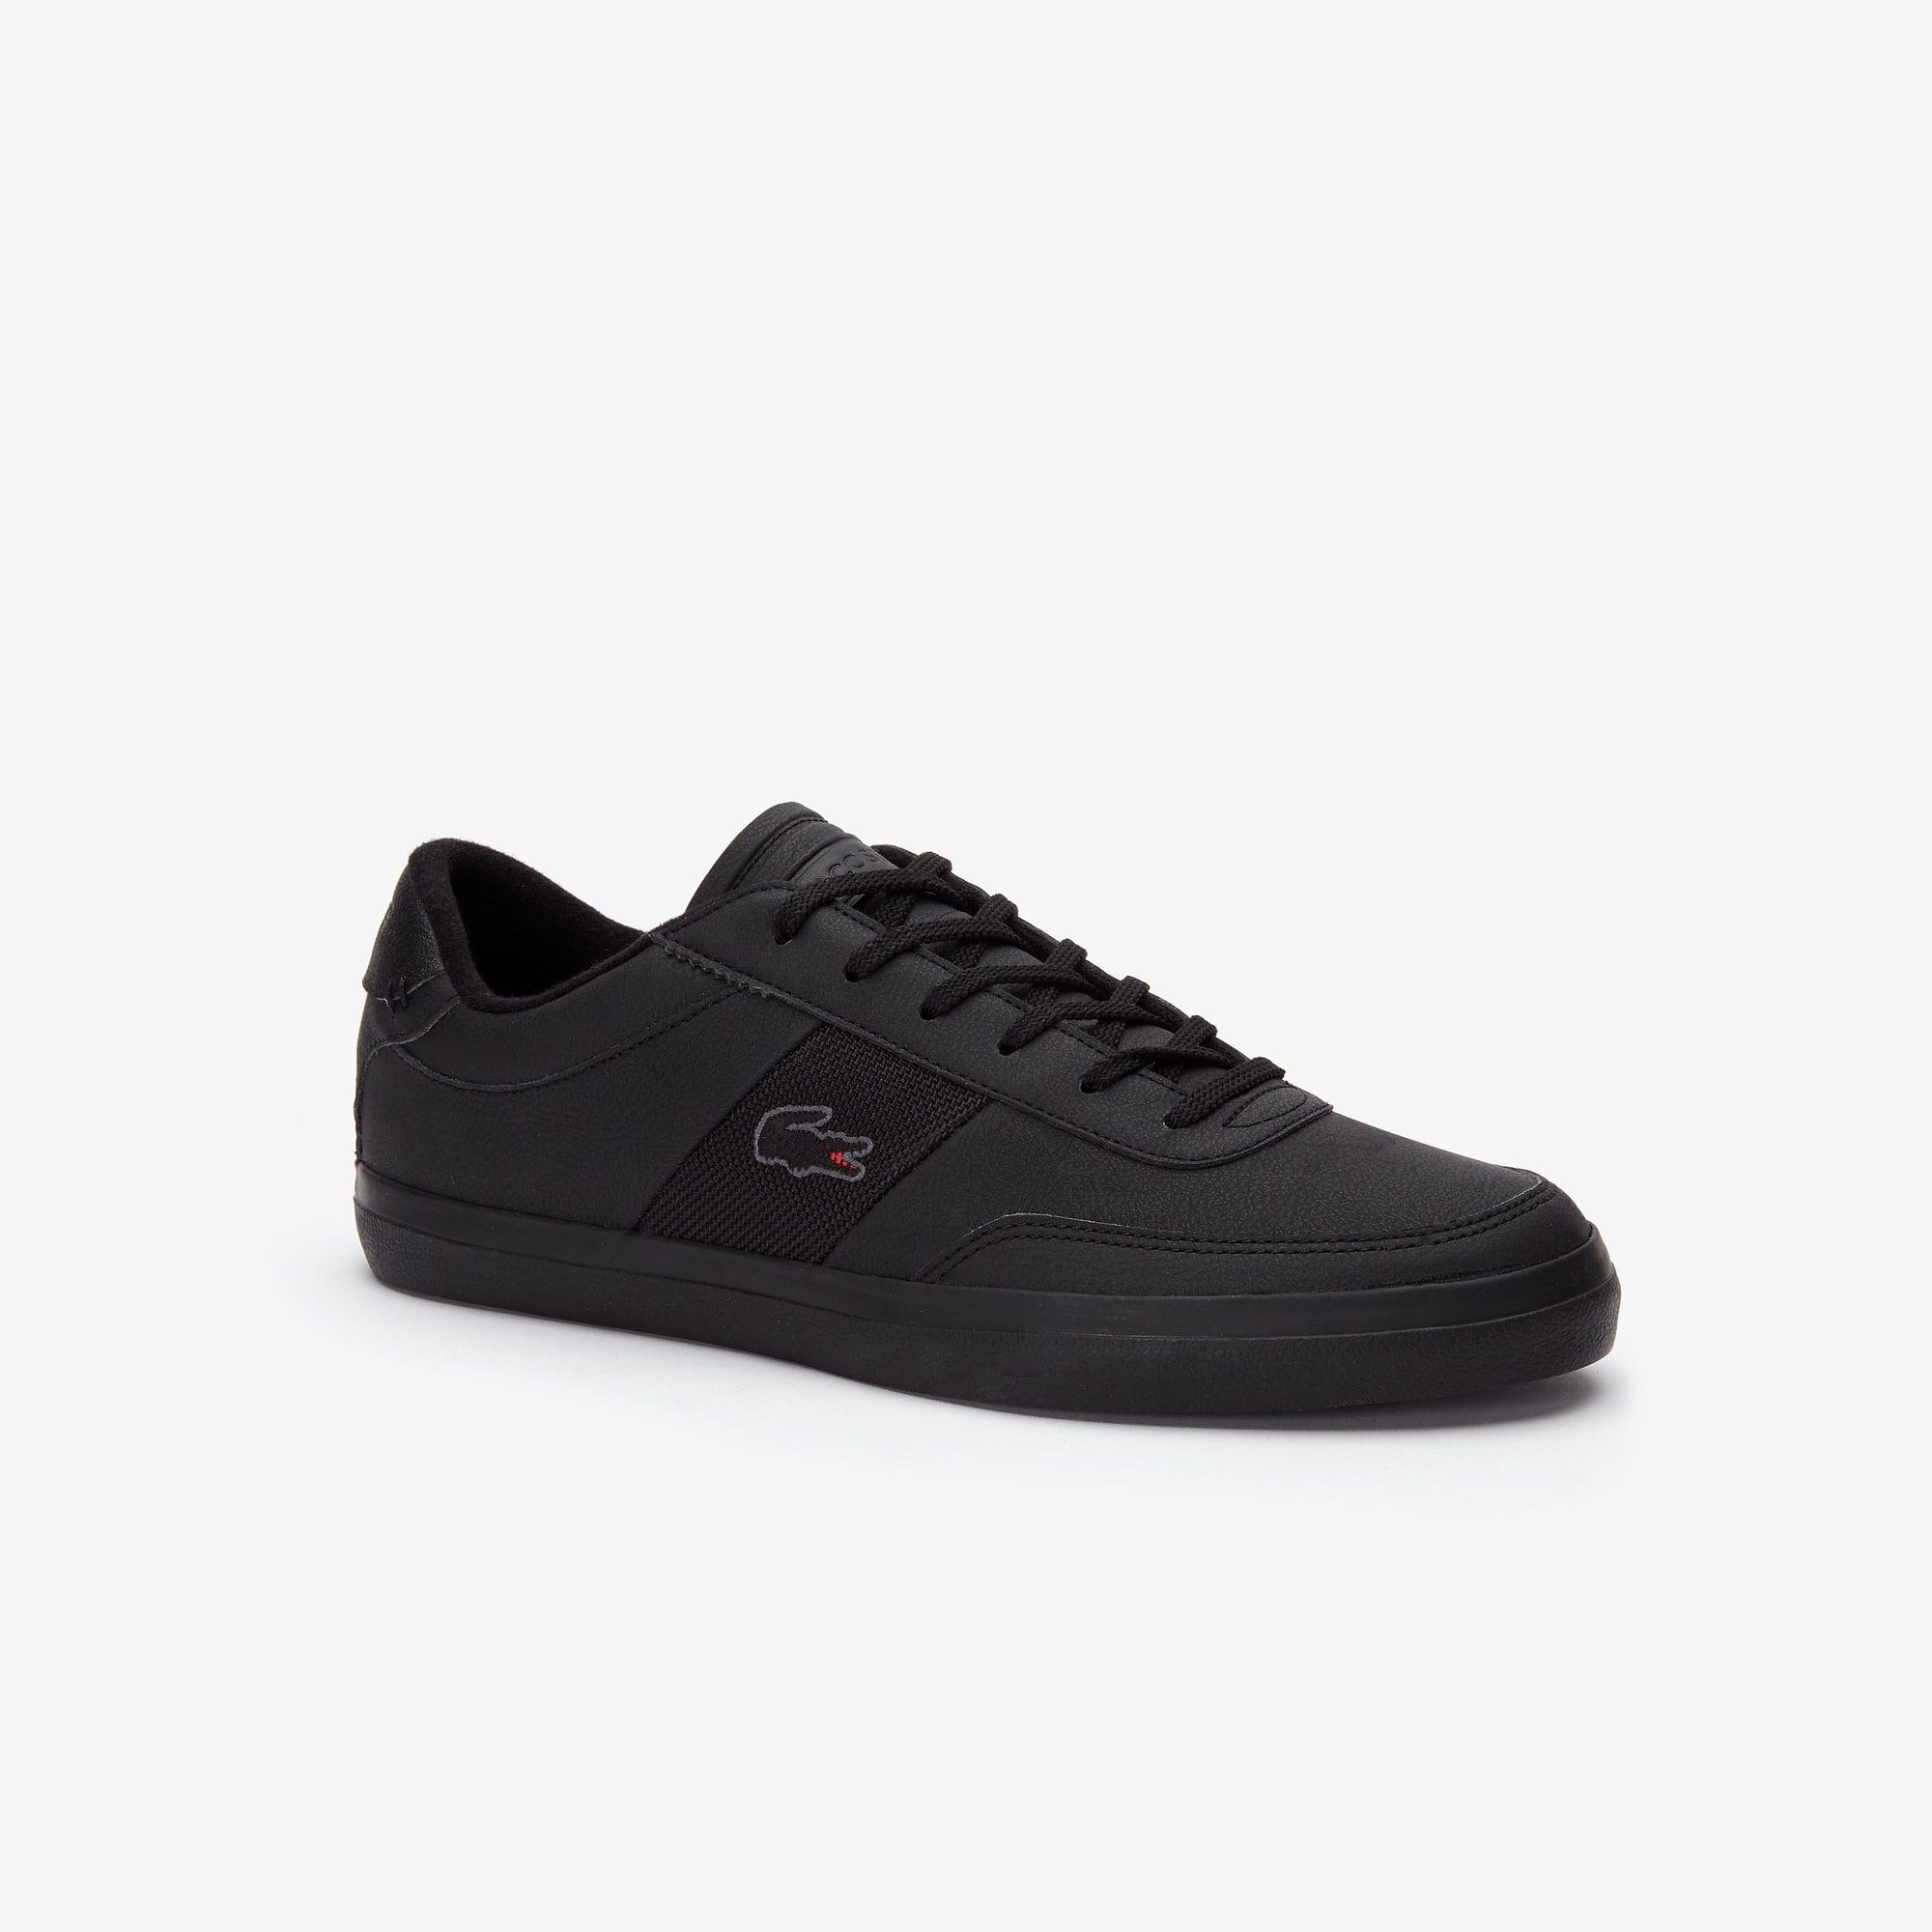 promo code 02bc6 cbb5c Scarpe Lacoste da uomo: sneaker, stivali, da città| LACOSTE